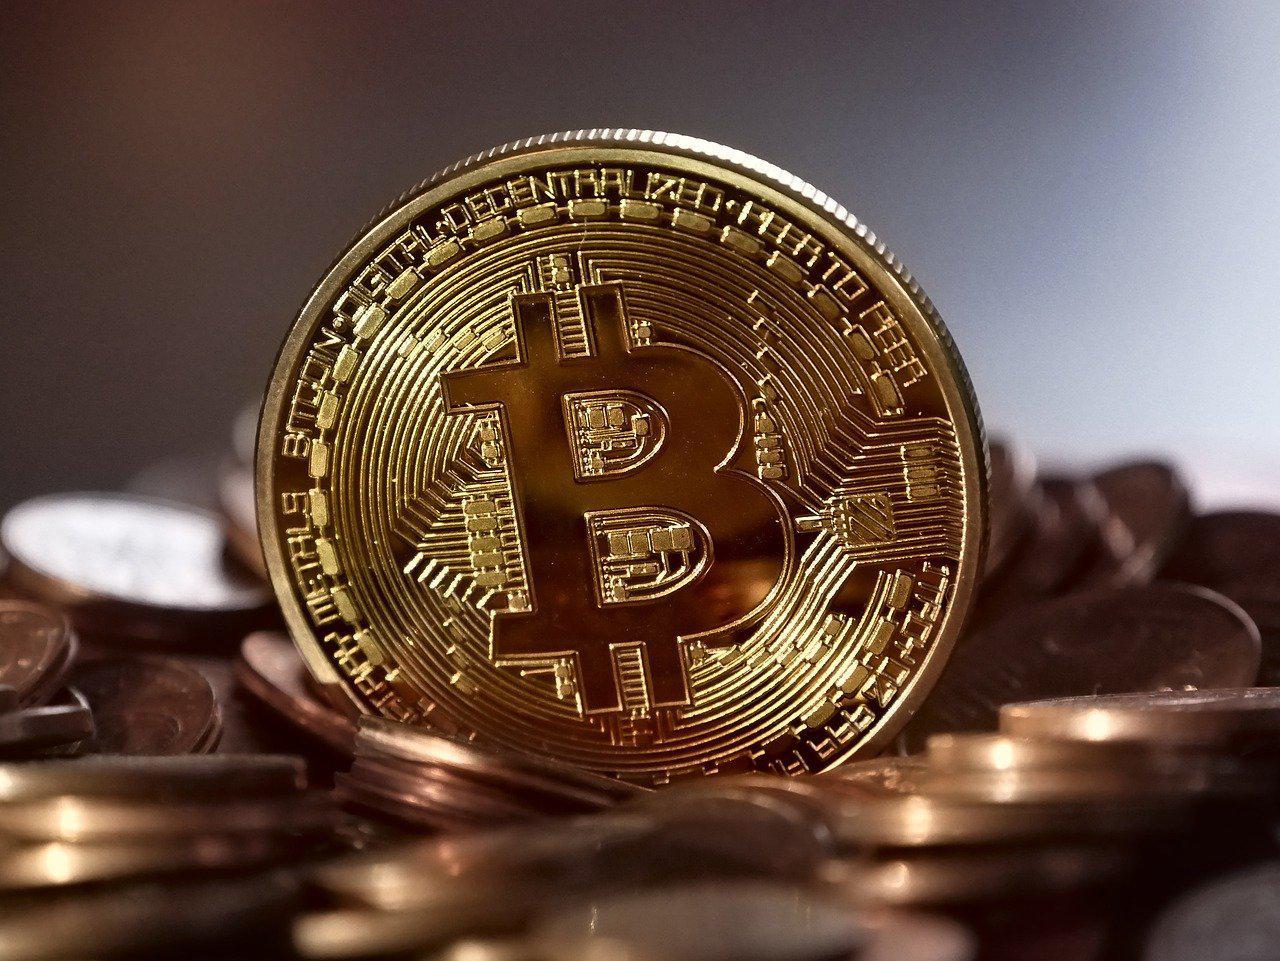 Stacjonarny kantor kryptowalut - najprostszy sposób na nabycie wirtualnej waluty